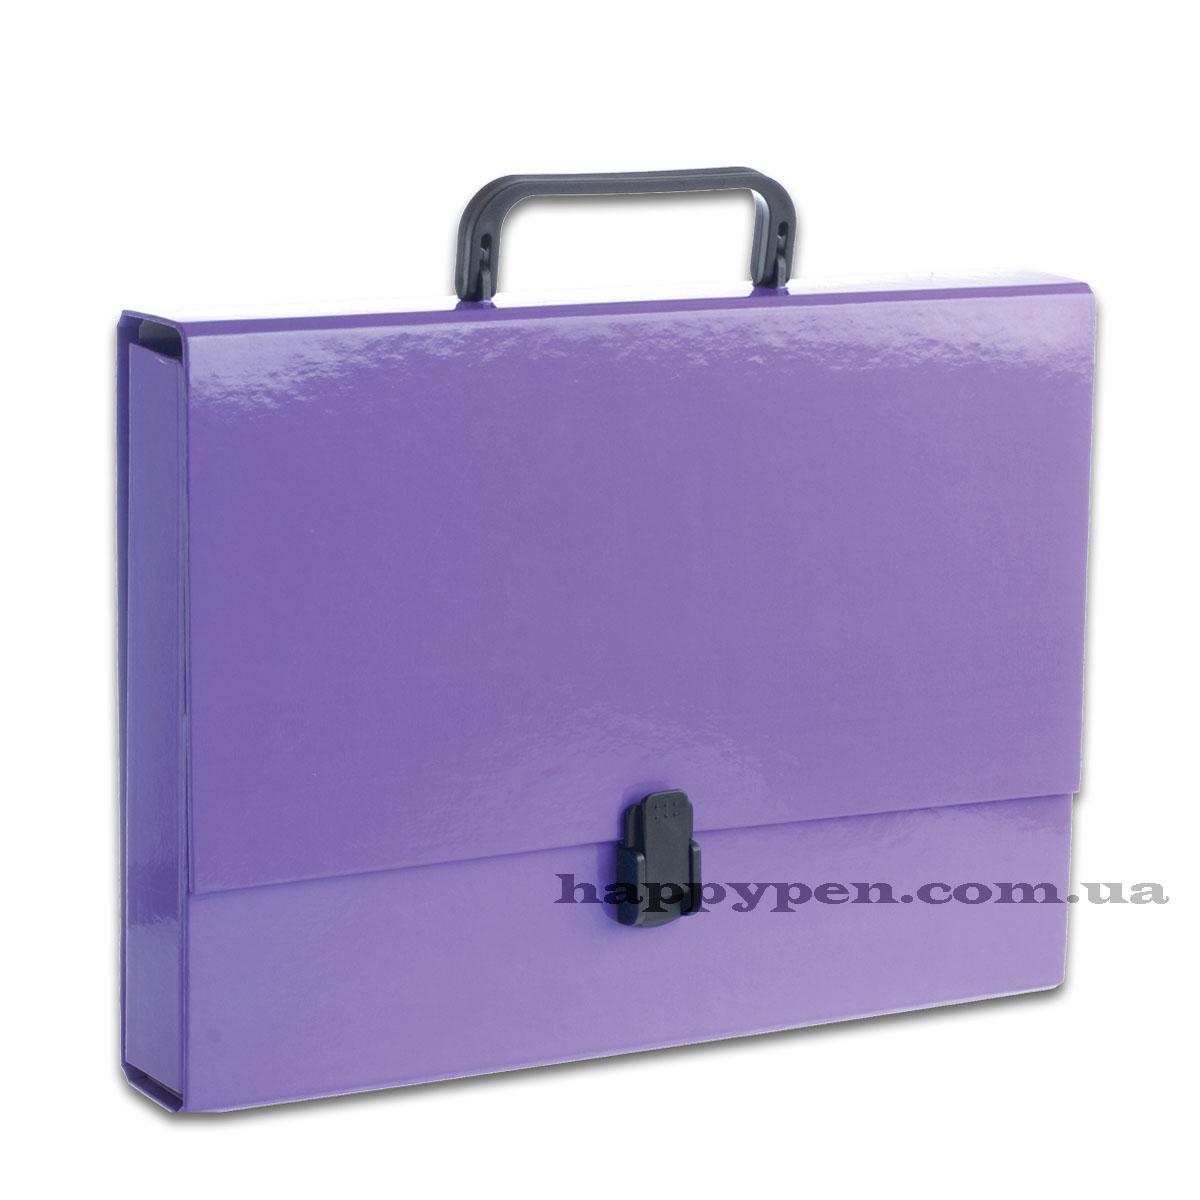 Портфель с ручкой, картонный А4 (32*23,5*5см), на 1 отделение, фиолет.